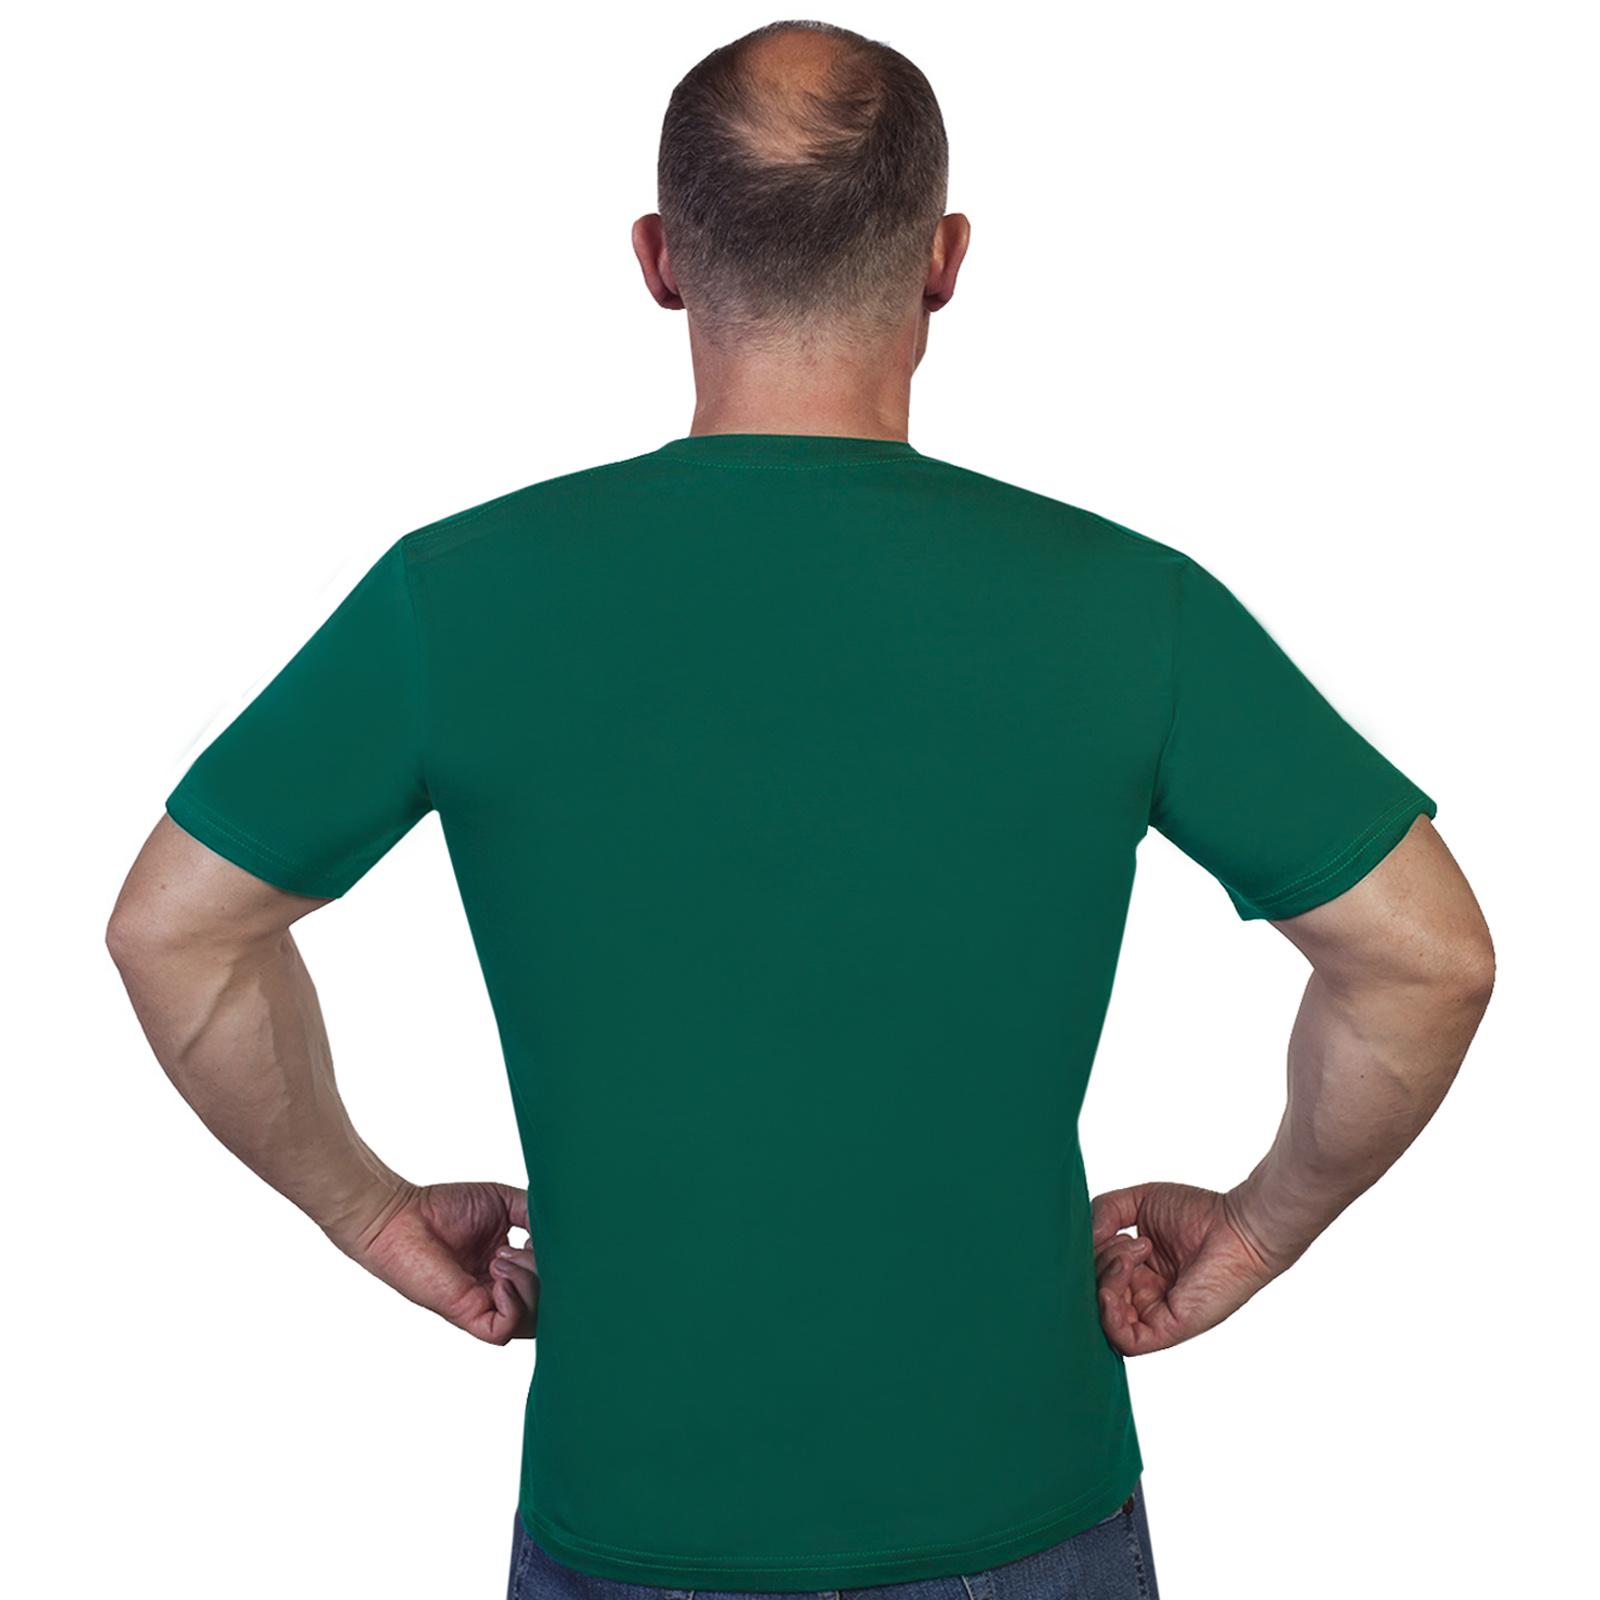 """Мужская зелёная футболка с вышивкой """"14 ПогООН Барс"""" - высокое качество"""